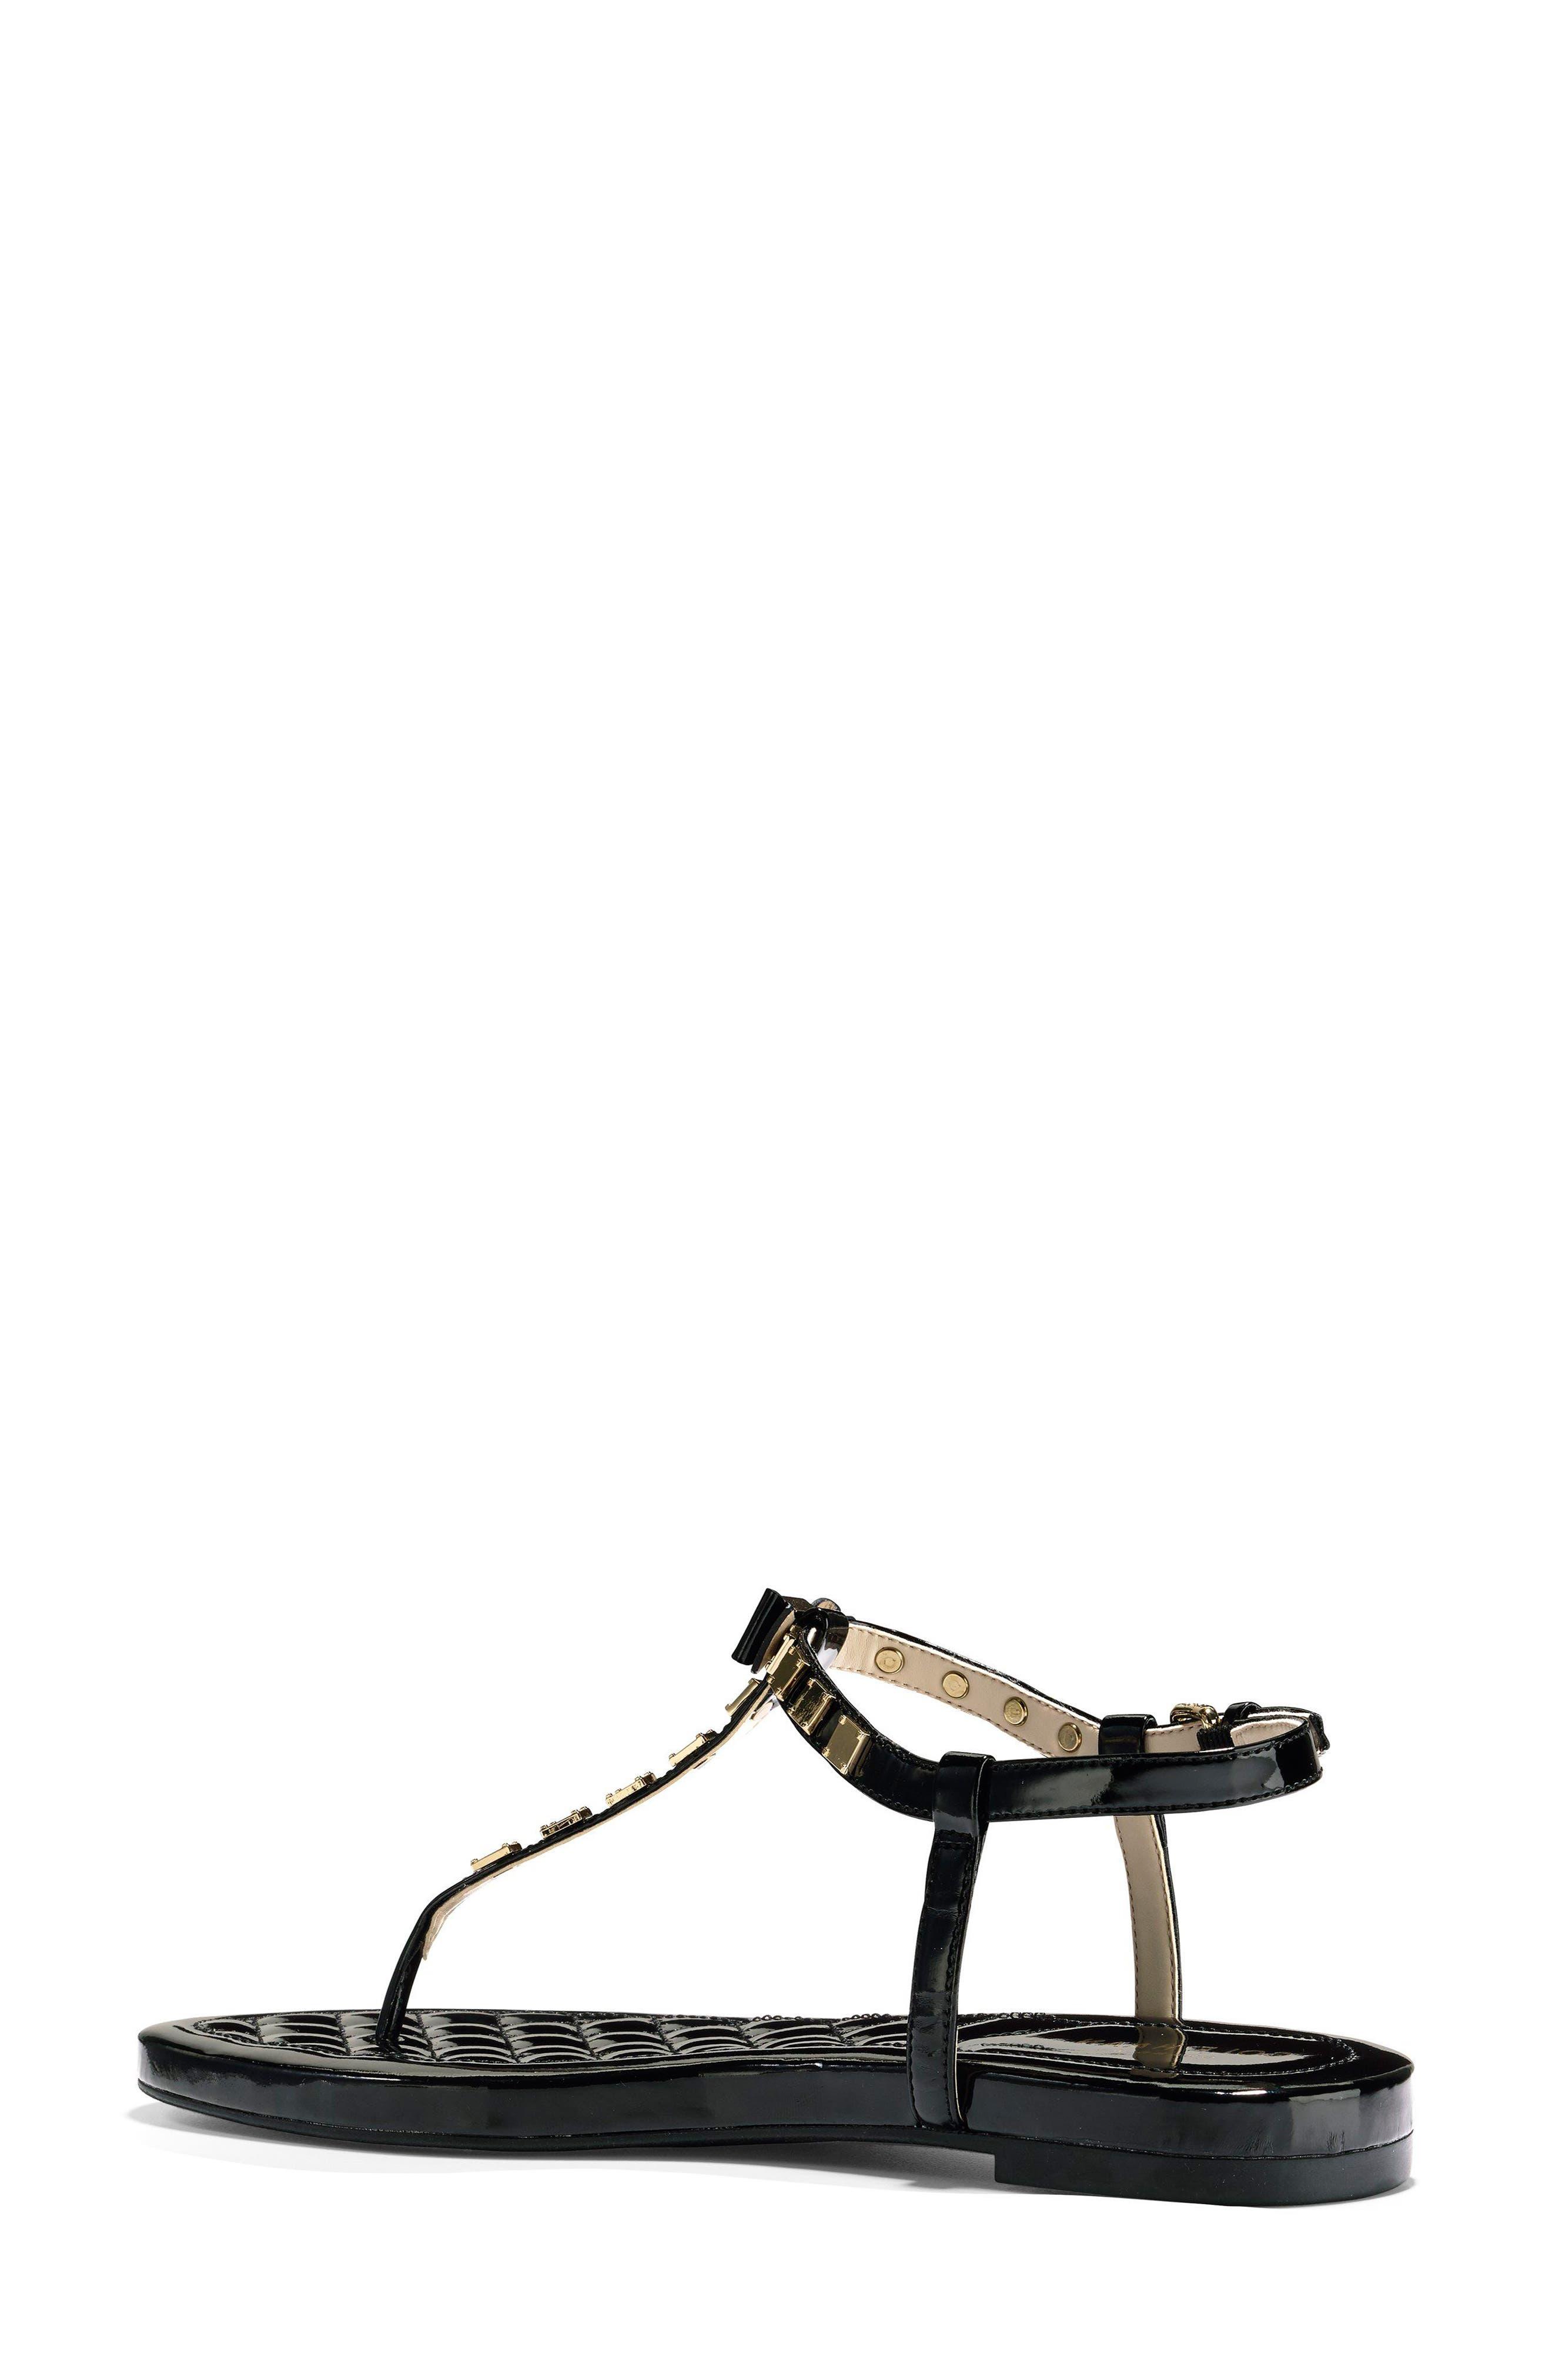 Tali Mini Bow Sandal,                             Alternate thumbnail 2, color,                             Black Patent